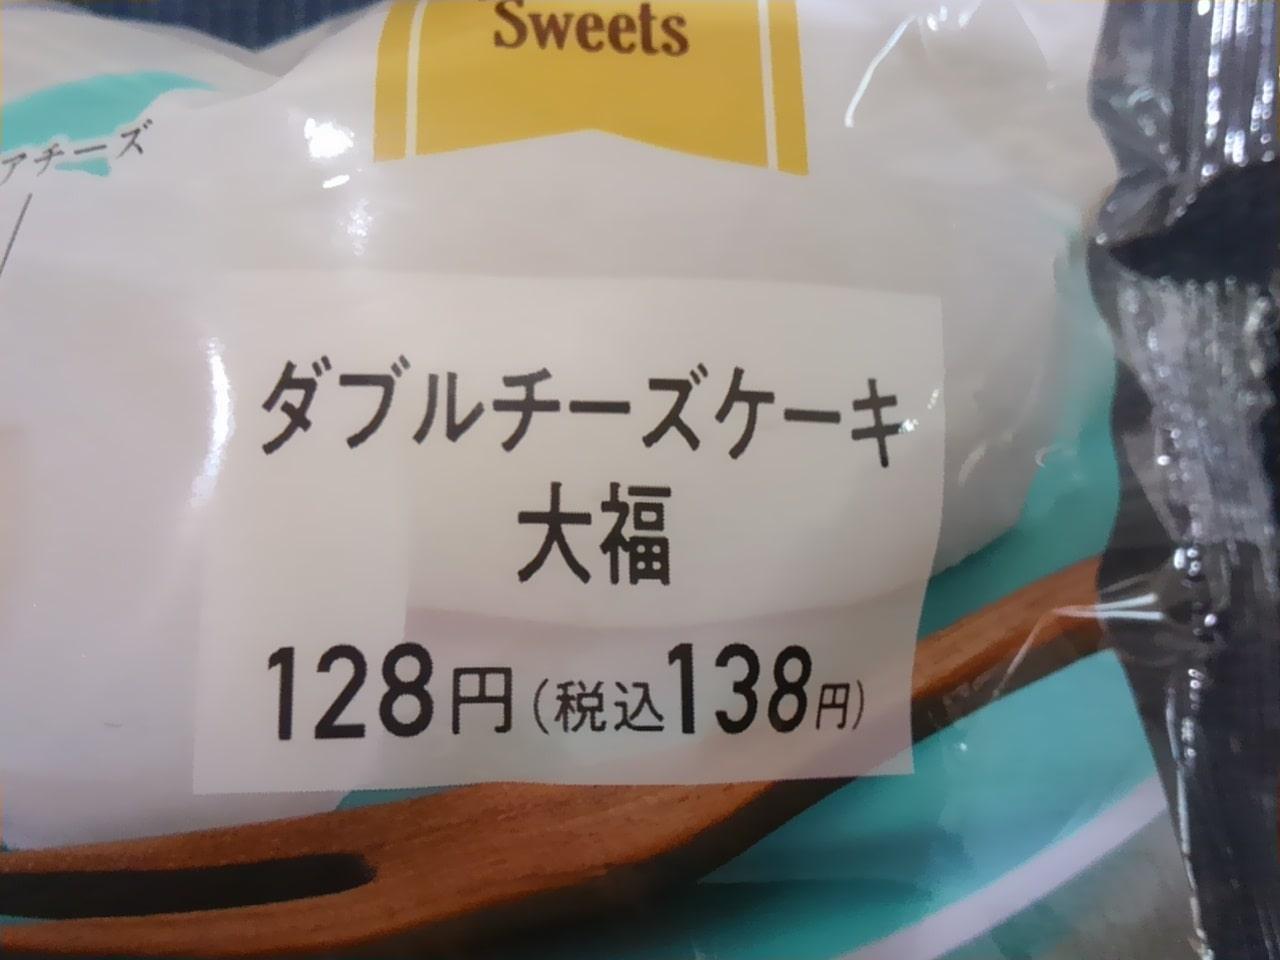 ファミリーマート(ファミマ)のダブルチーズケーキ大福の感想